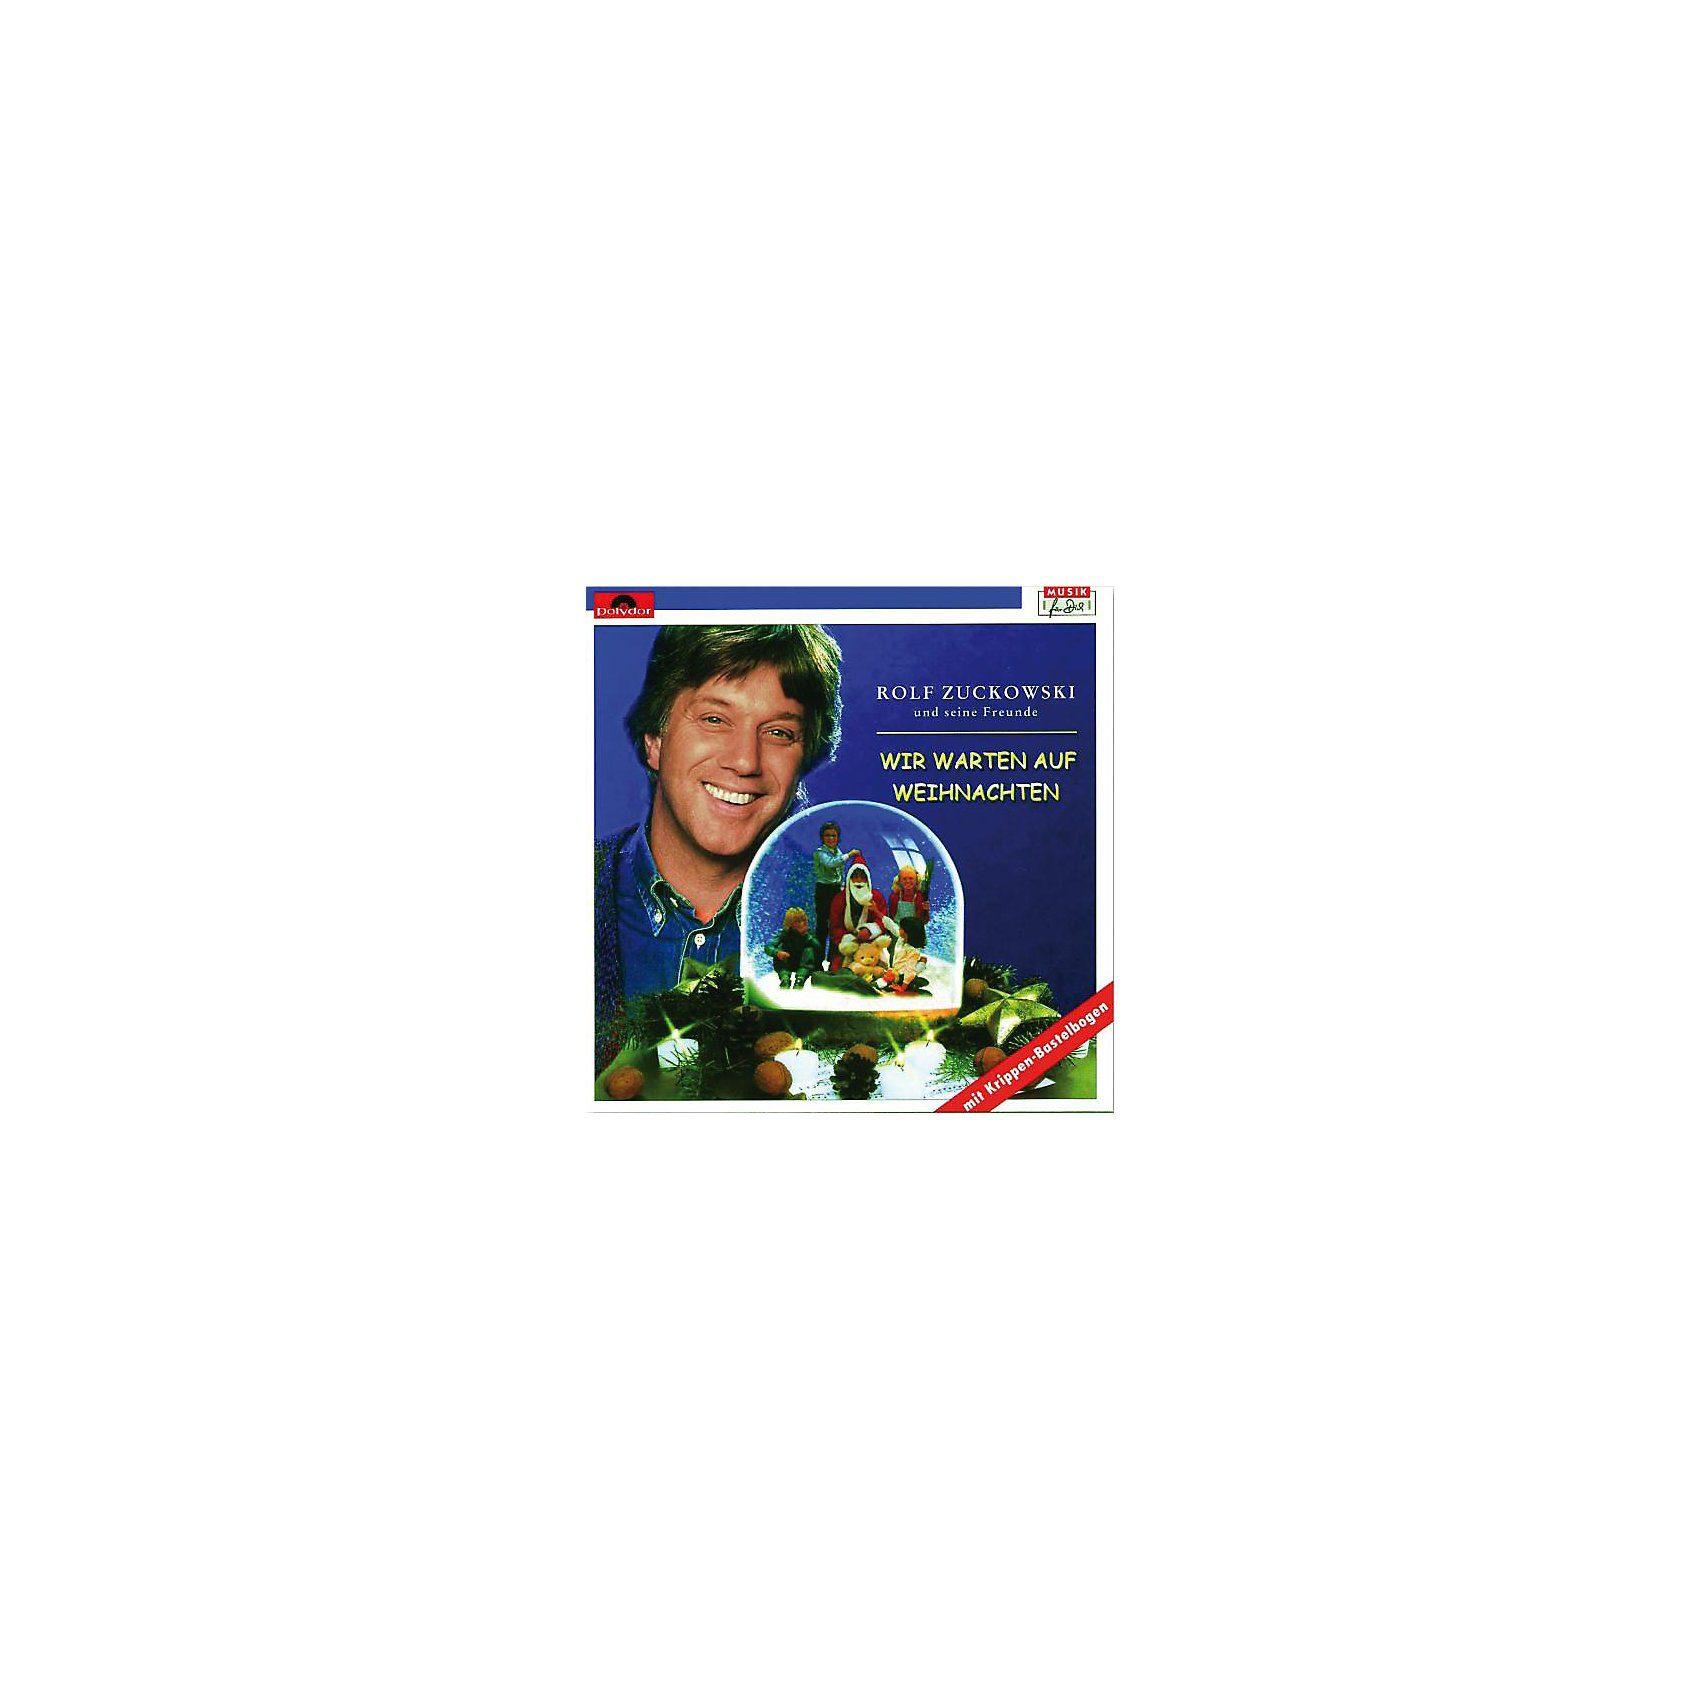 Universal CD Rolf Zuckowski - Wir warten auf Weihnachten